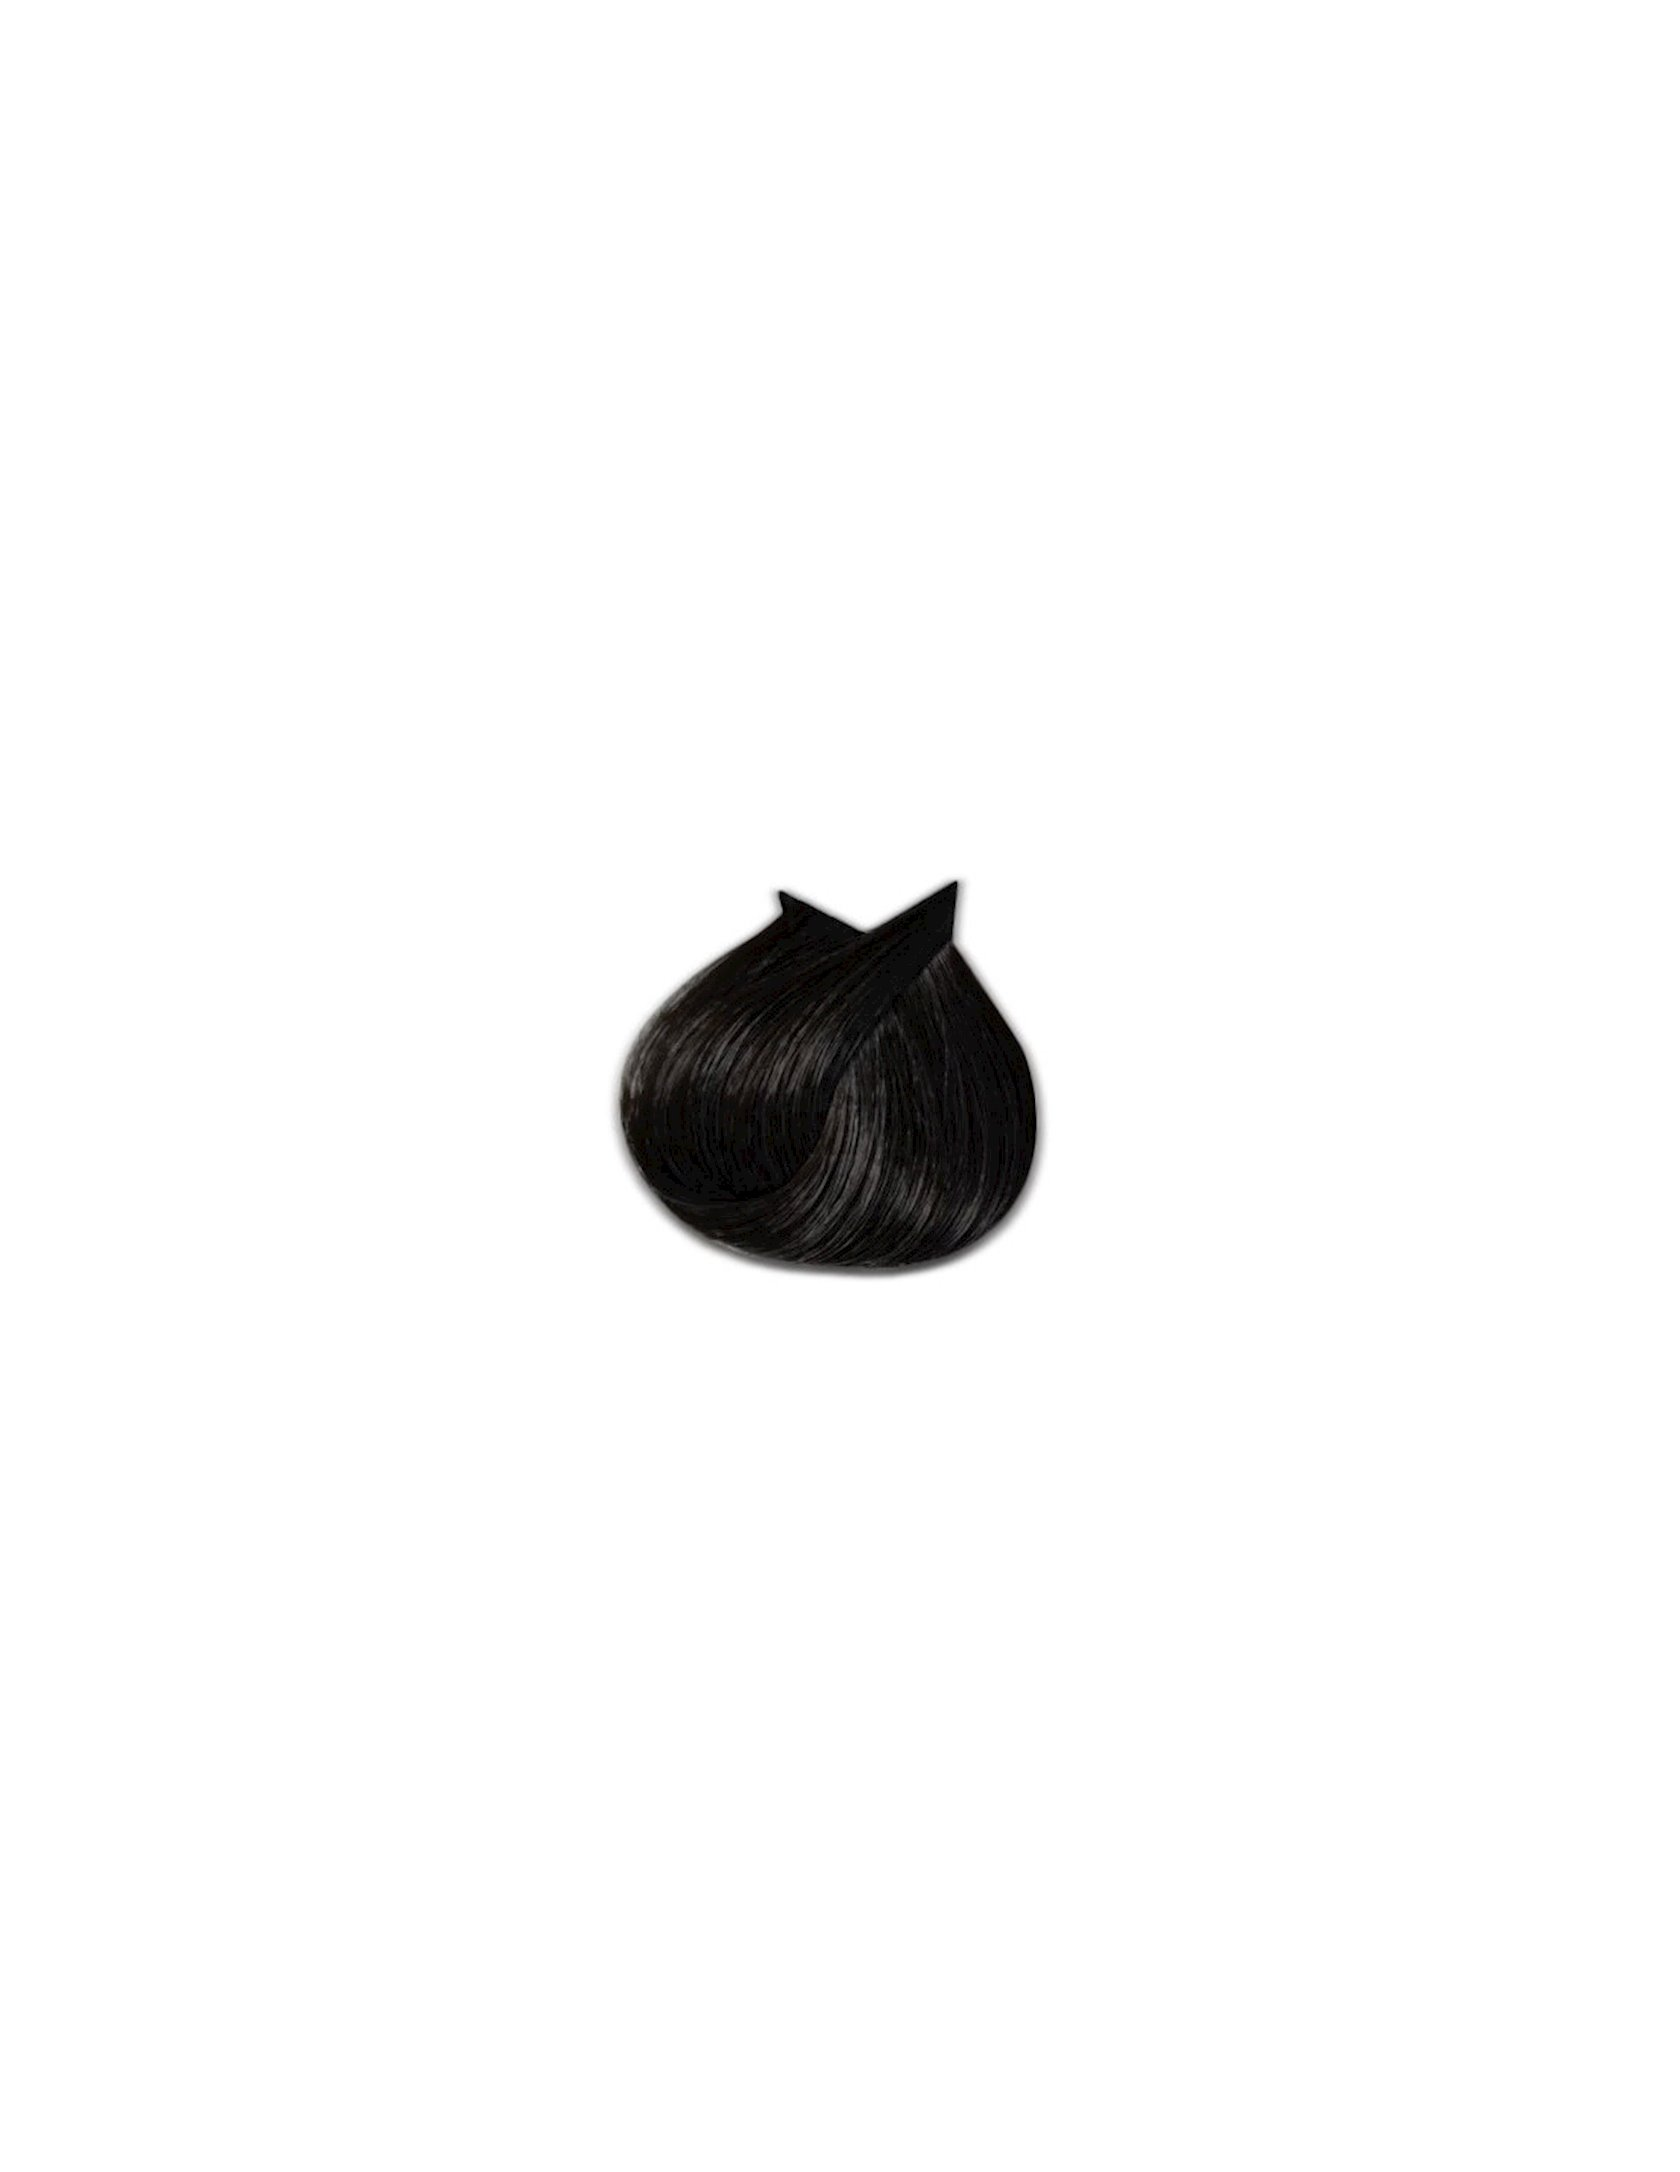 Saç üçün qalıcı krem-boya Farmavita Life Color Plus 3.0 Tünd qəhvəyi